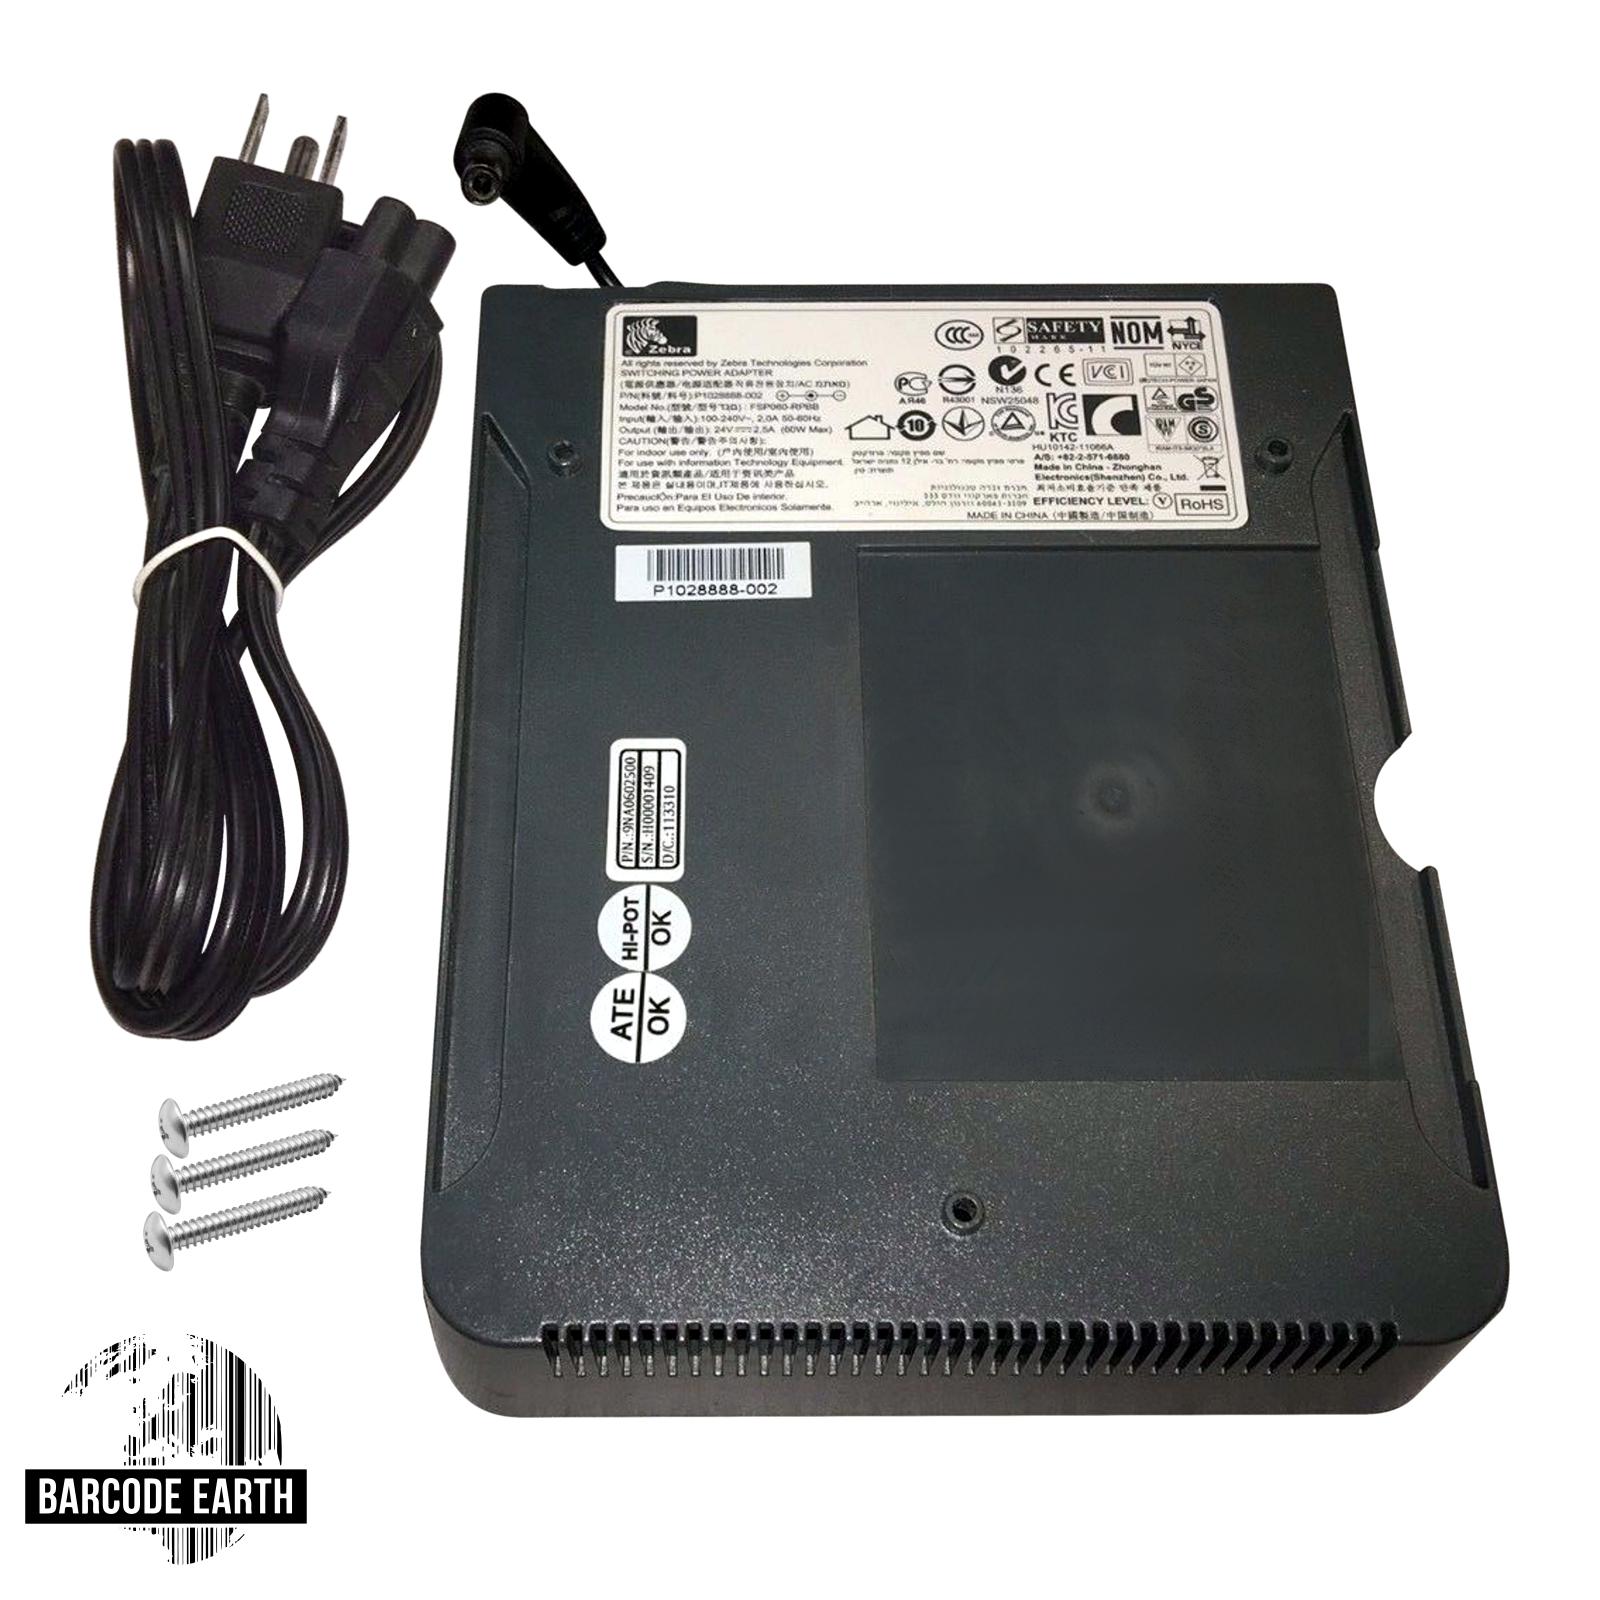 Zp 505 user manual